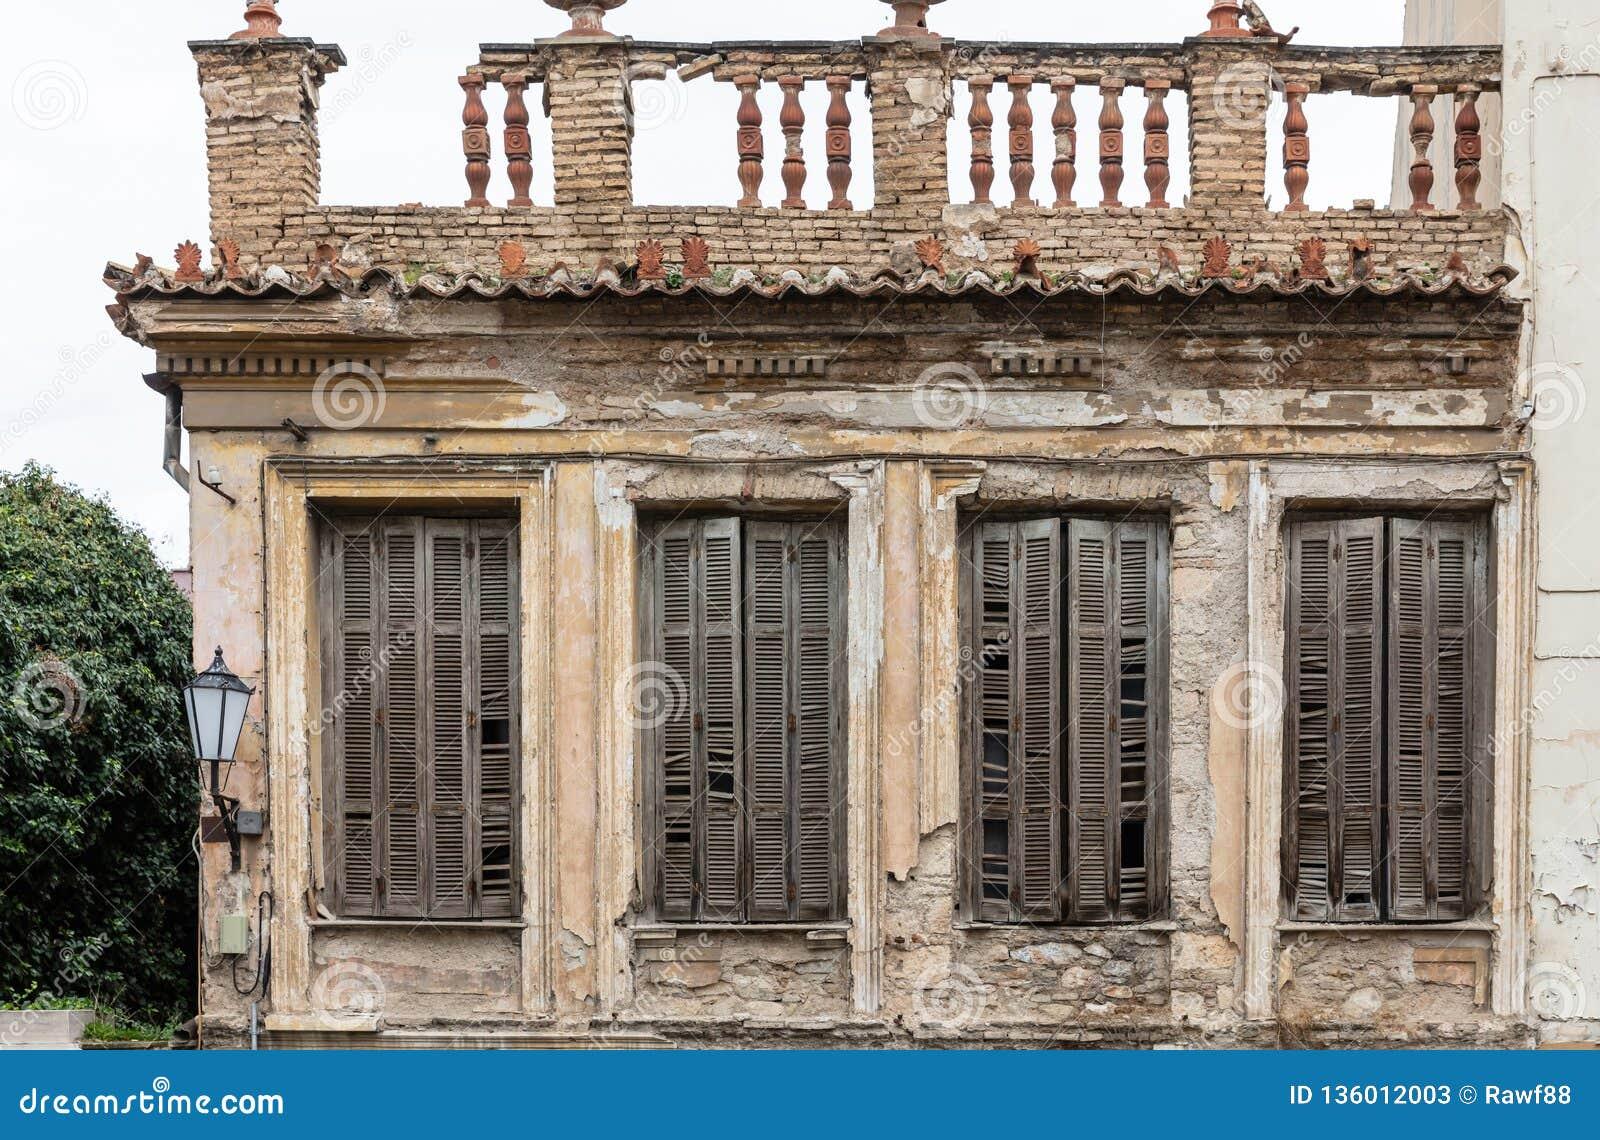 Fachada arruinada de un edificio neoclásico abandonado en la ciudad vieja de Plaka, Atenas, Grecia